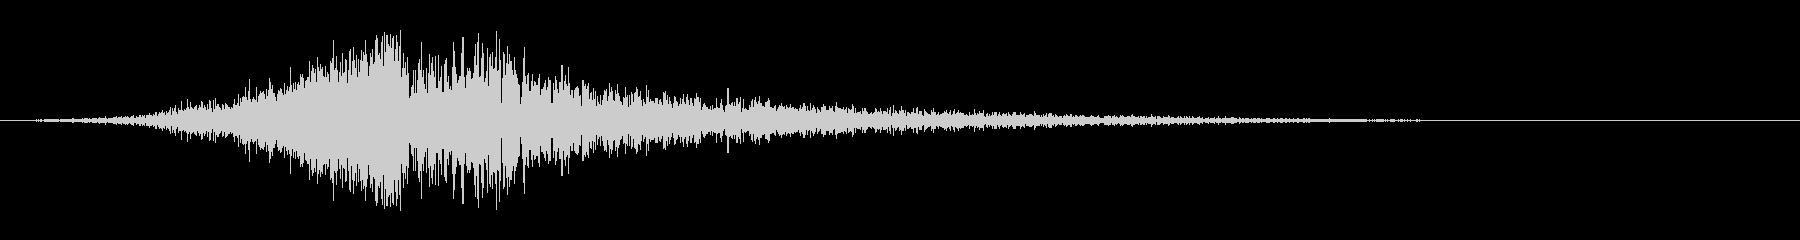 ヒューンどん:上昇して爆発する音の未再生の波形